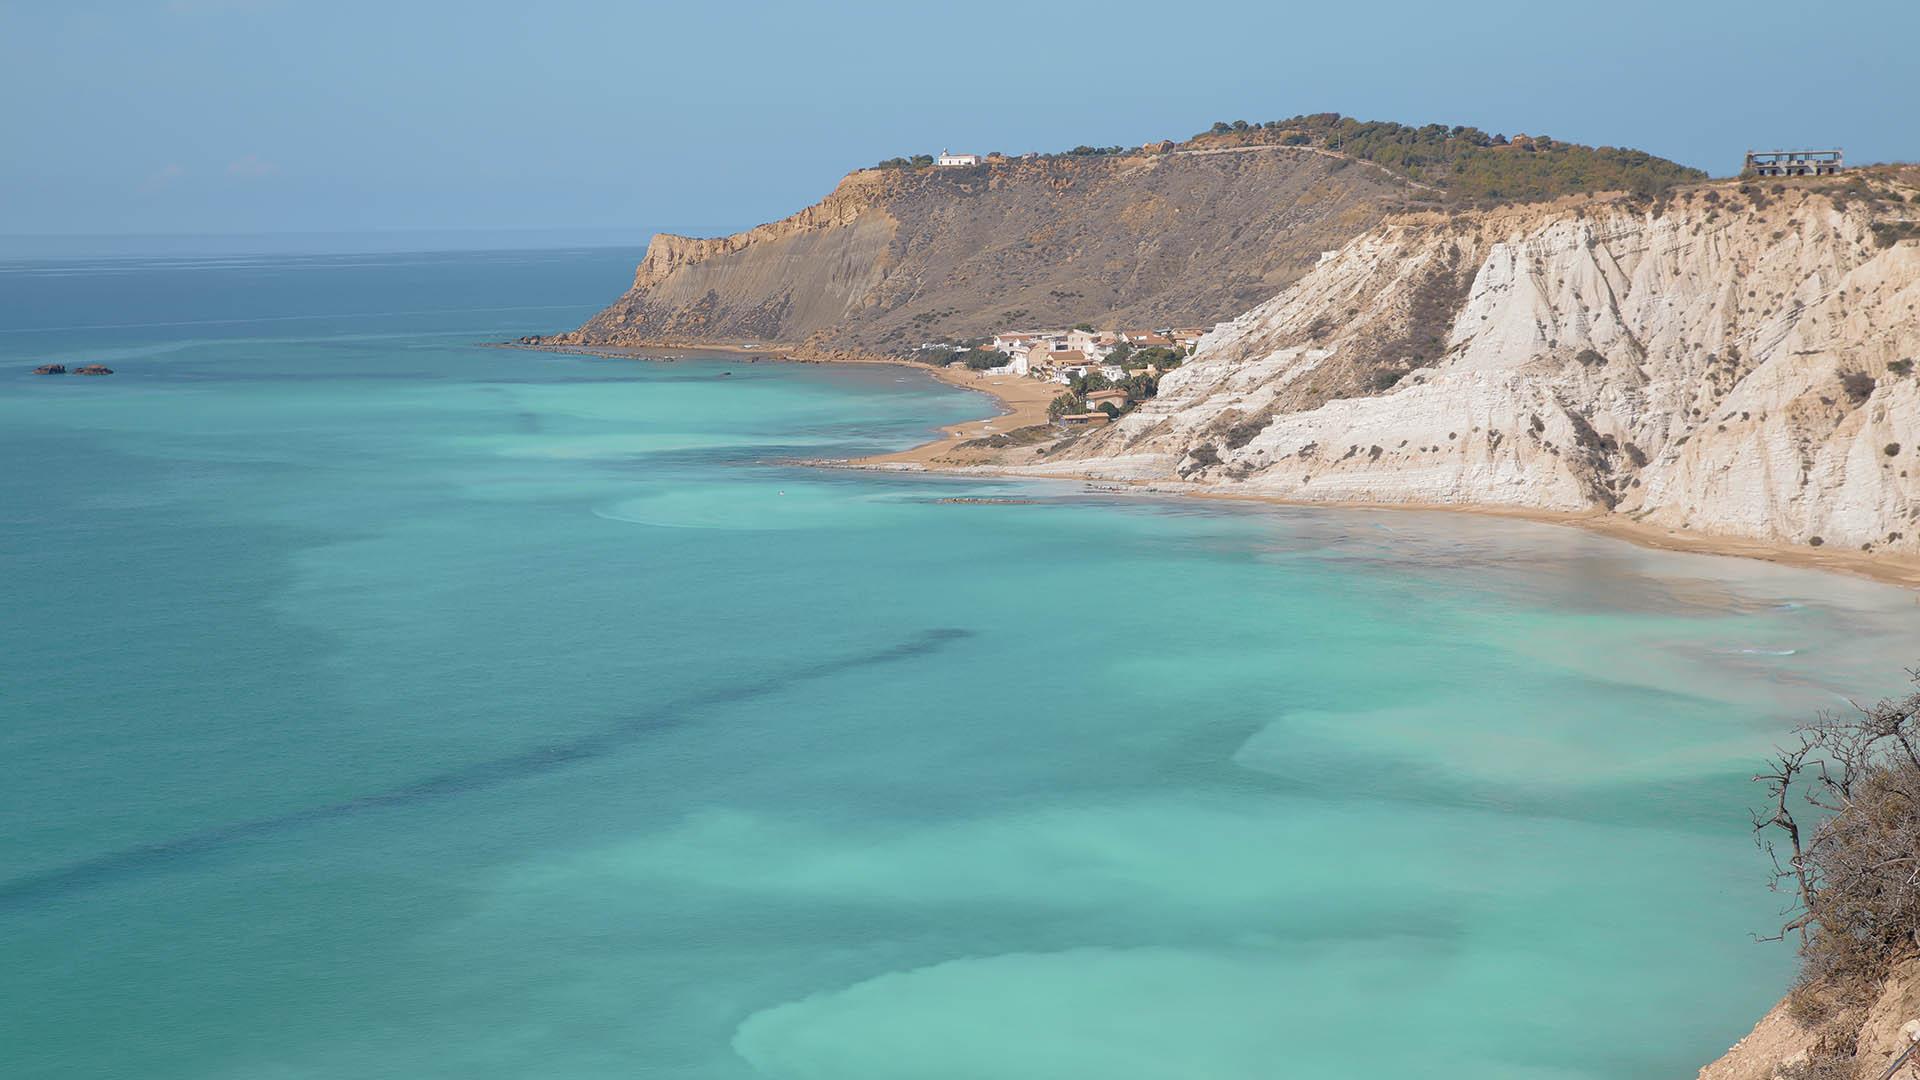 Guida turistica Sicilia